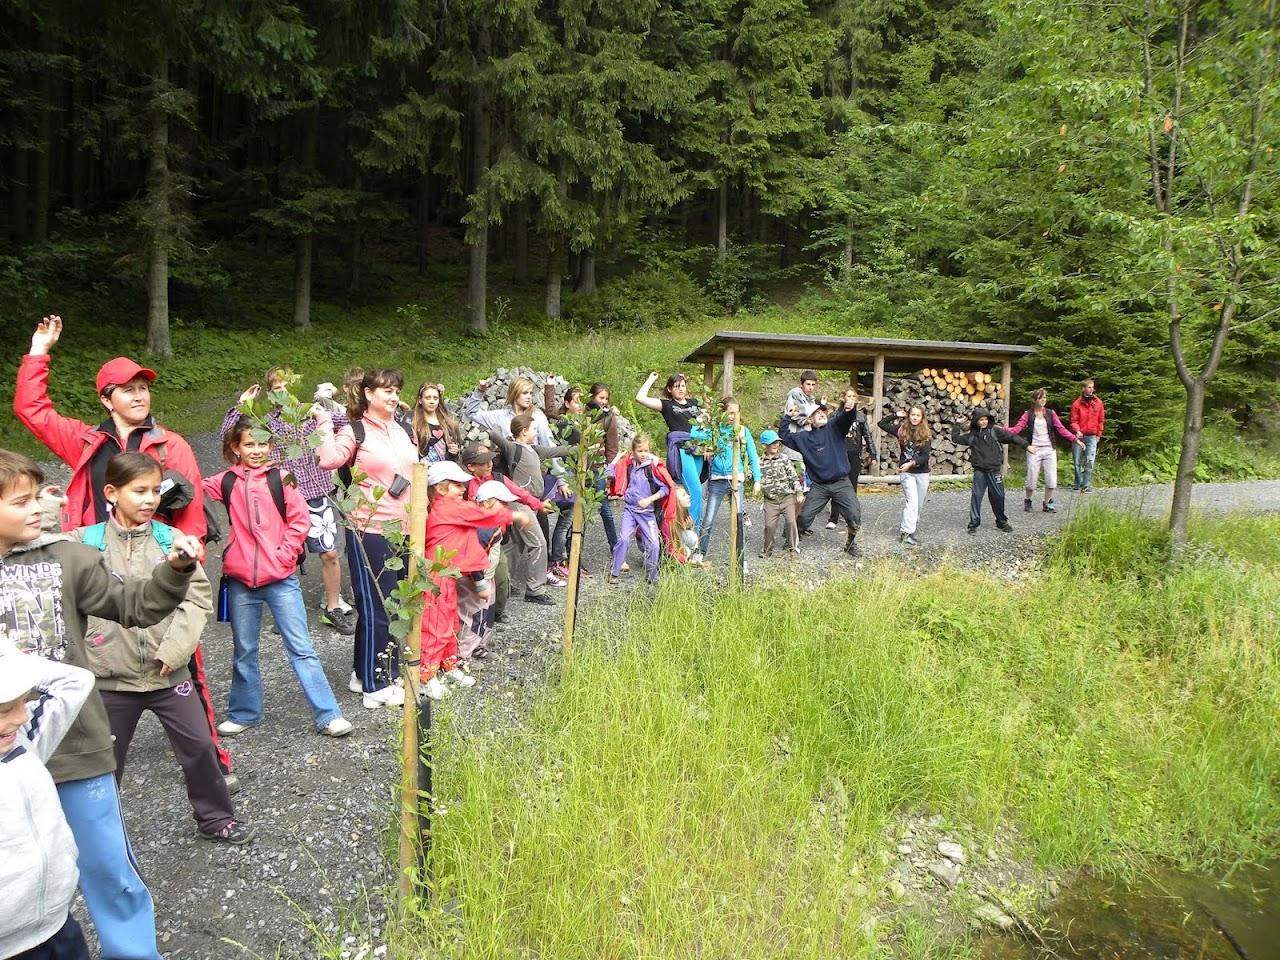 Tábor - Veľké Karlovice - fotka 175.JPG